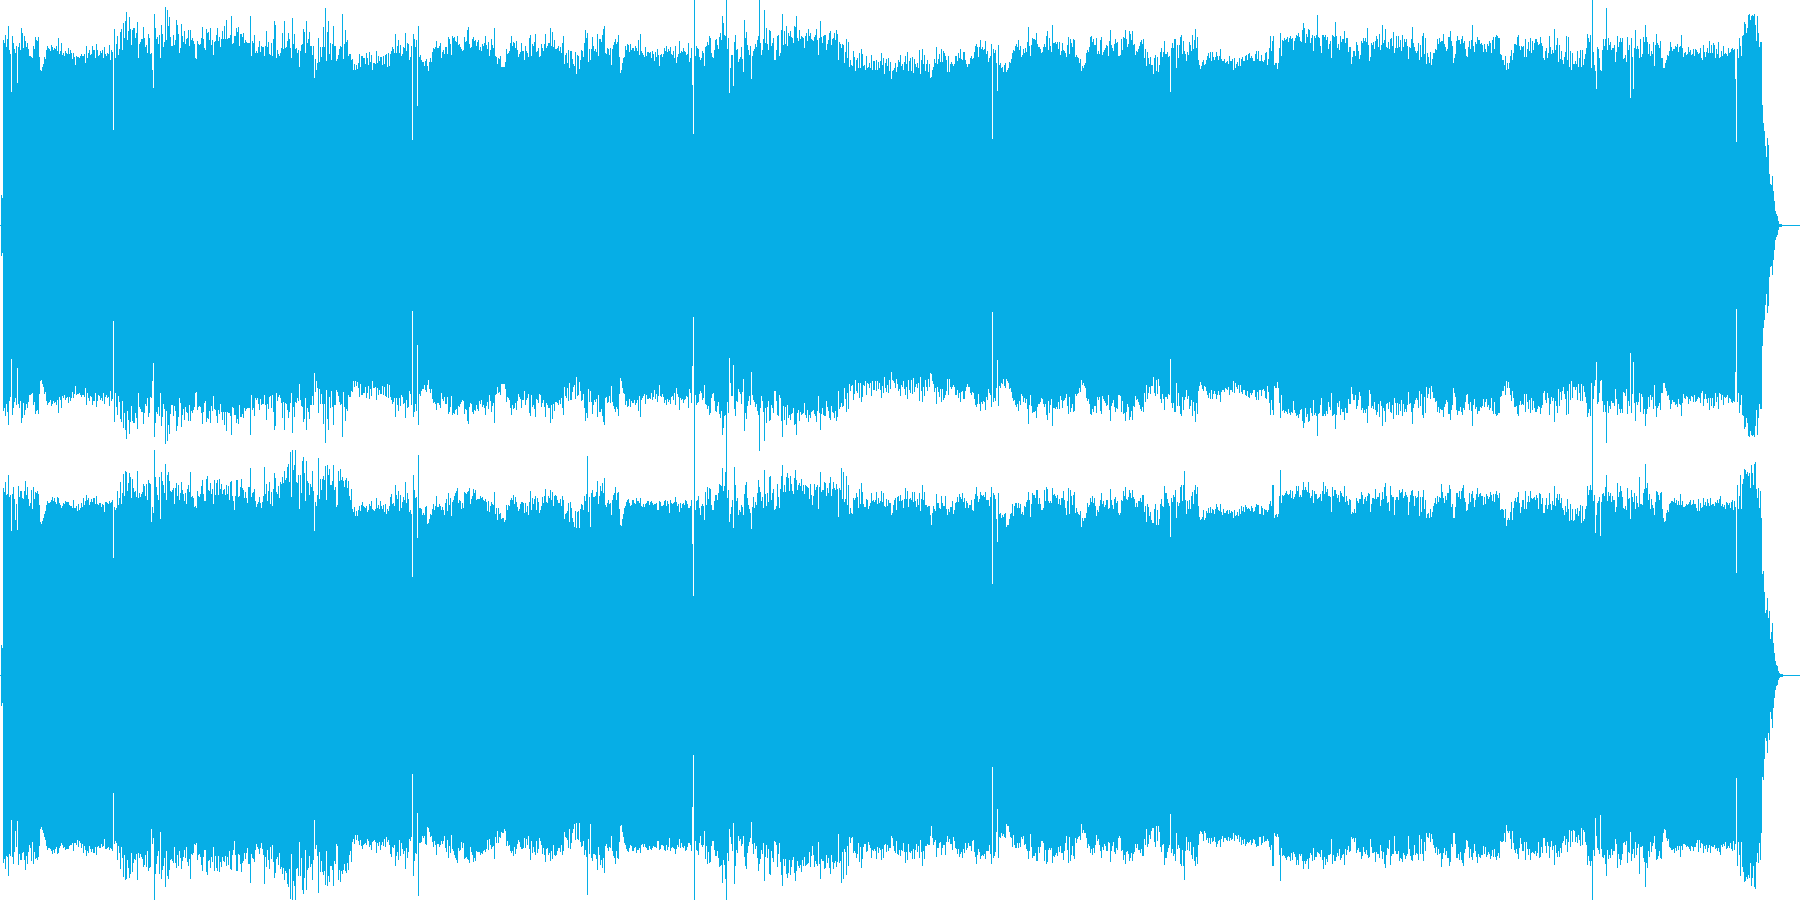 可愛い萌え声のアニソン風デジタルロックの再生済みの波形